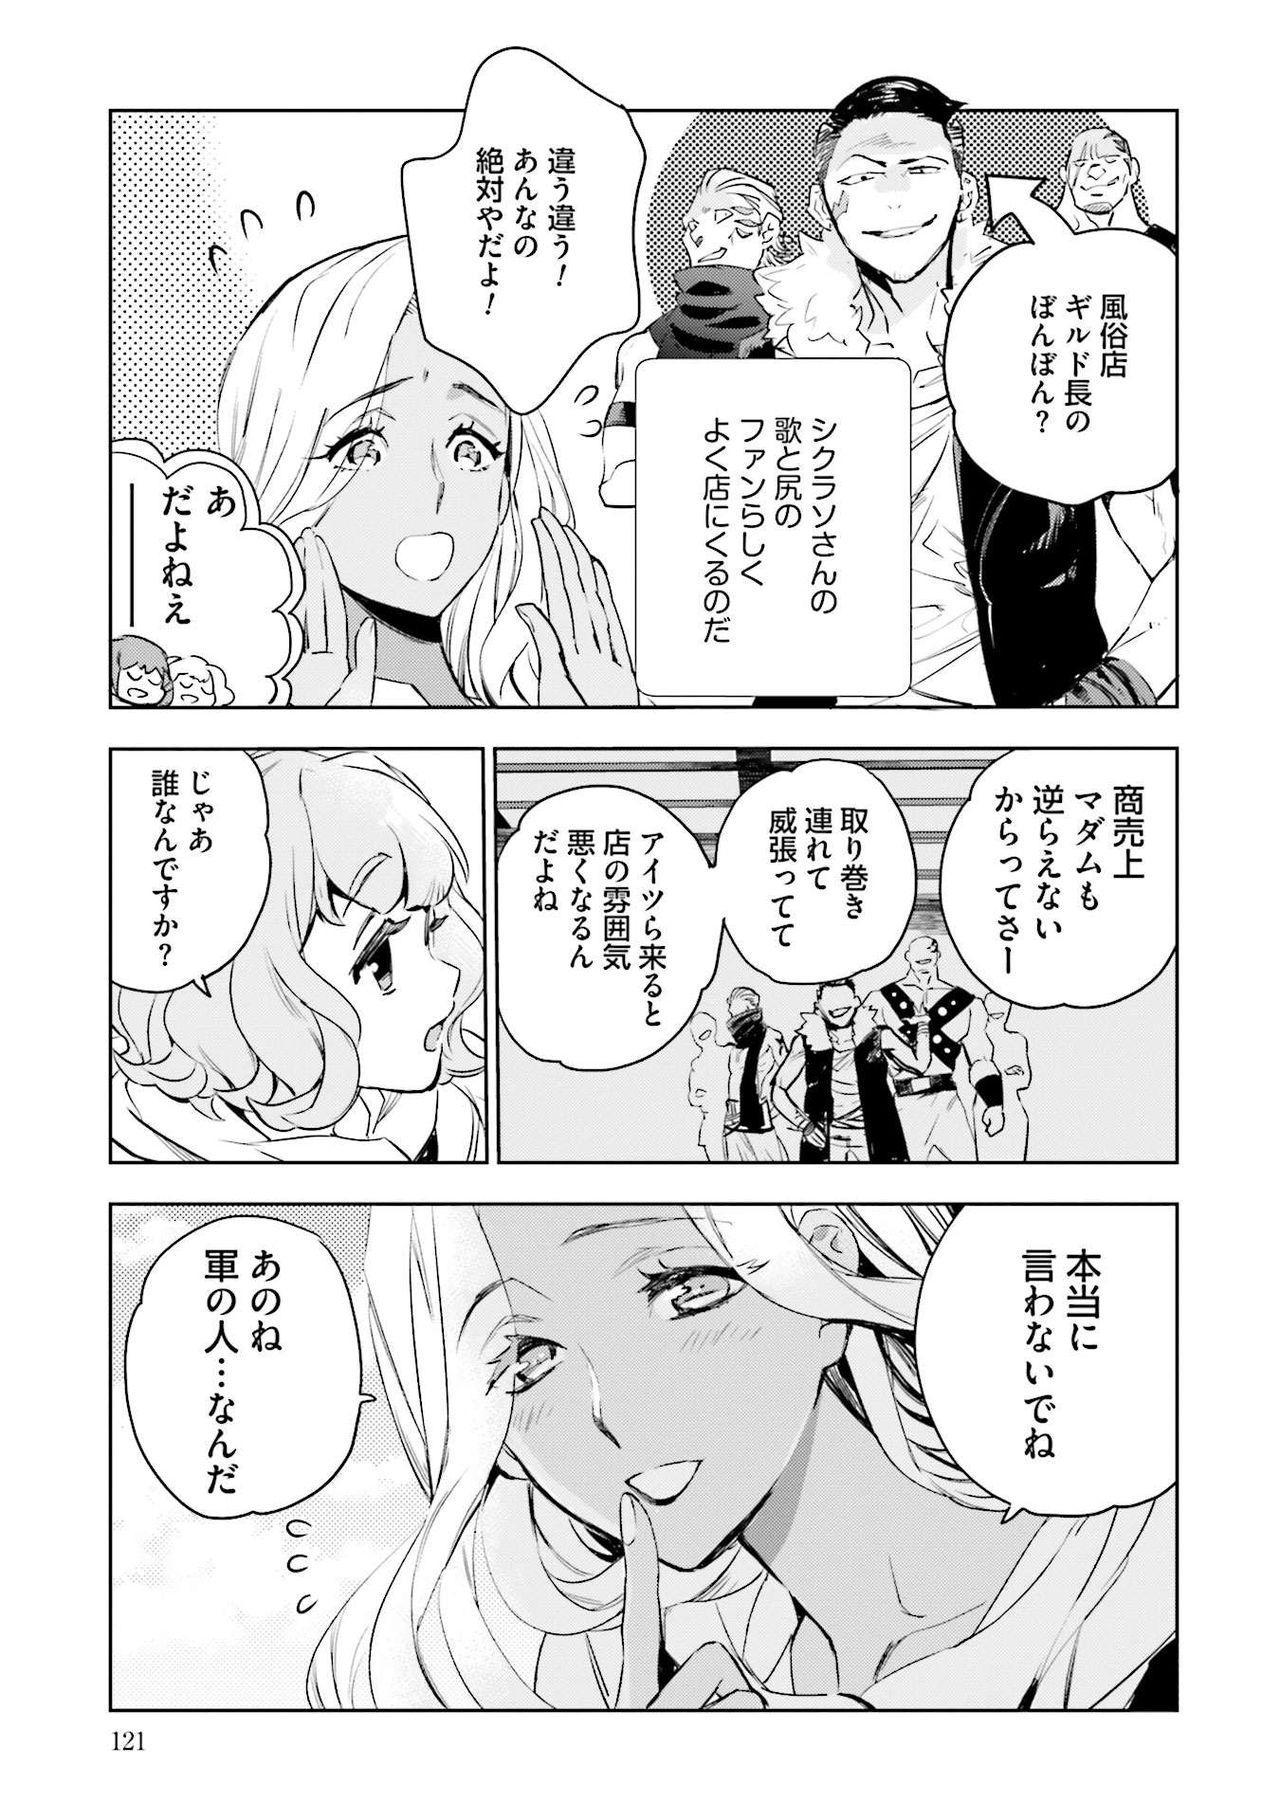 JK Haru wa Isekai de Shoufu ni Natta 1-14 122